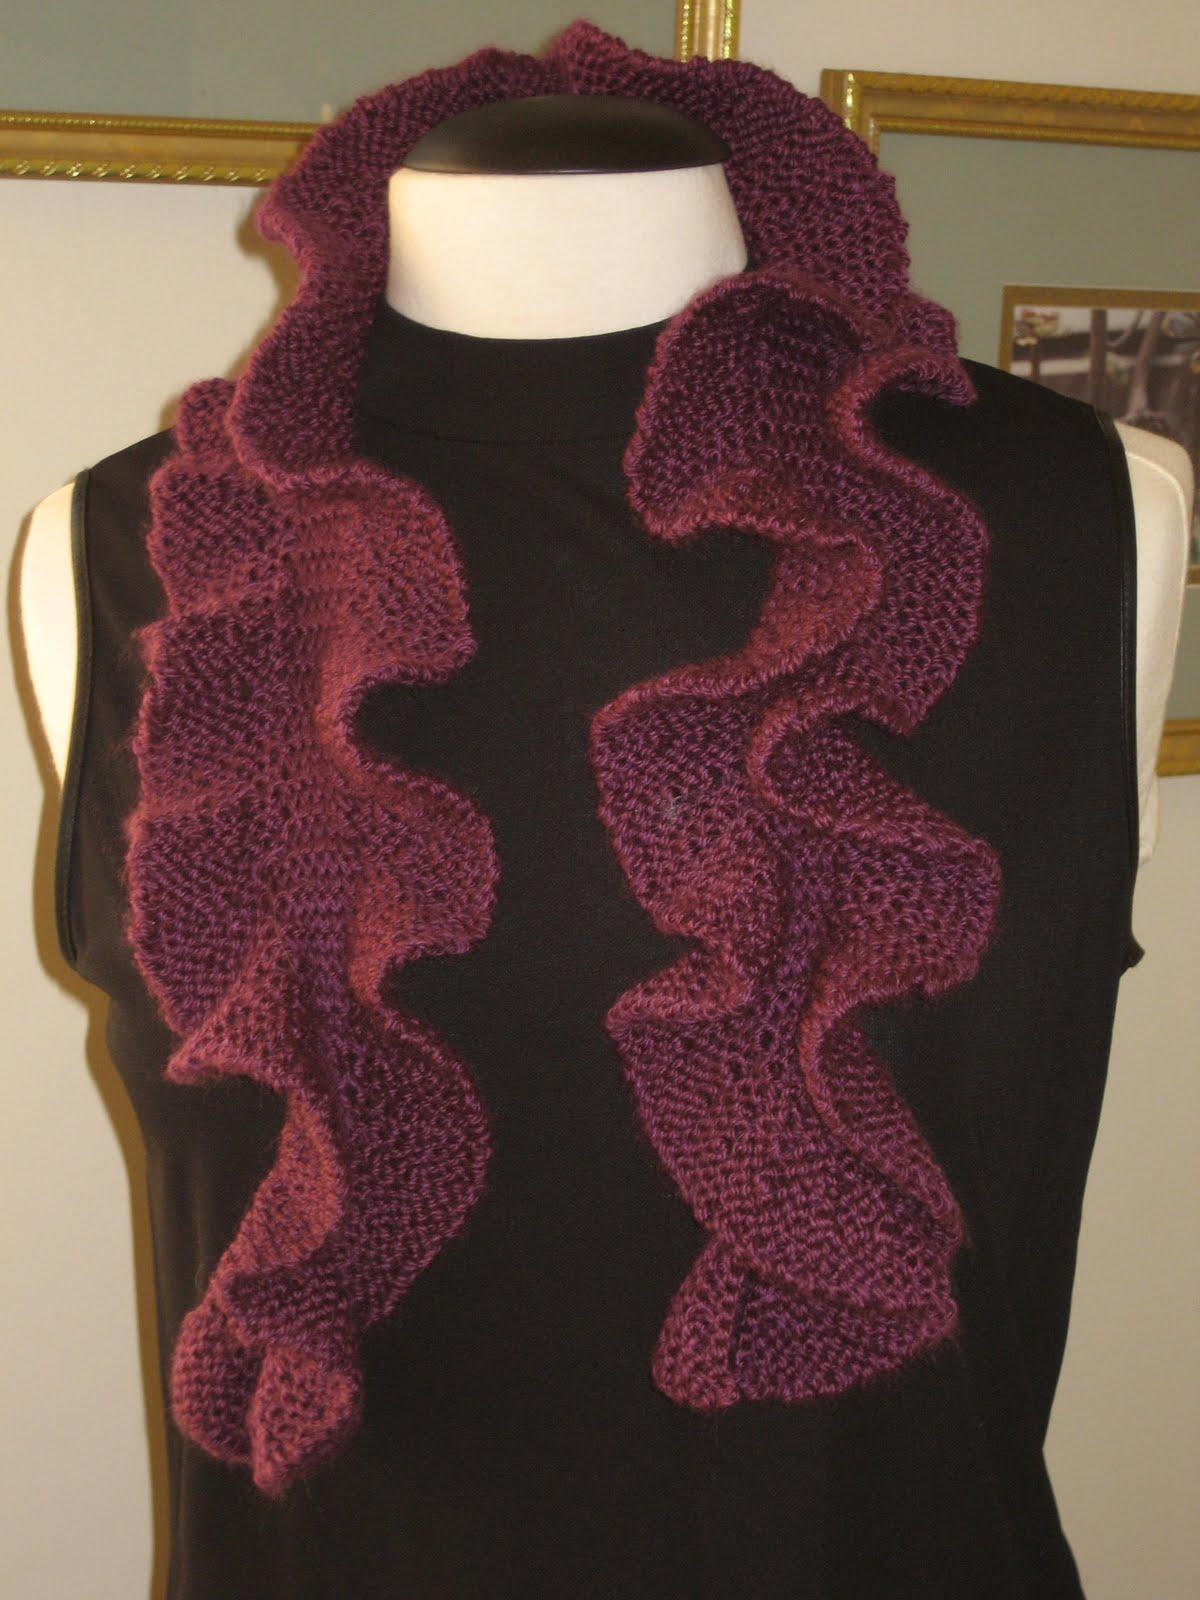 Potato Chip Scarf Knit Pattern | A Knitting Blog